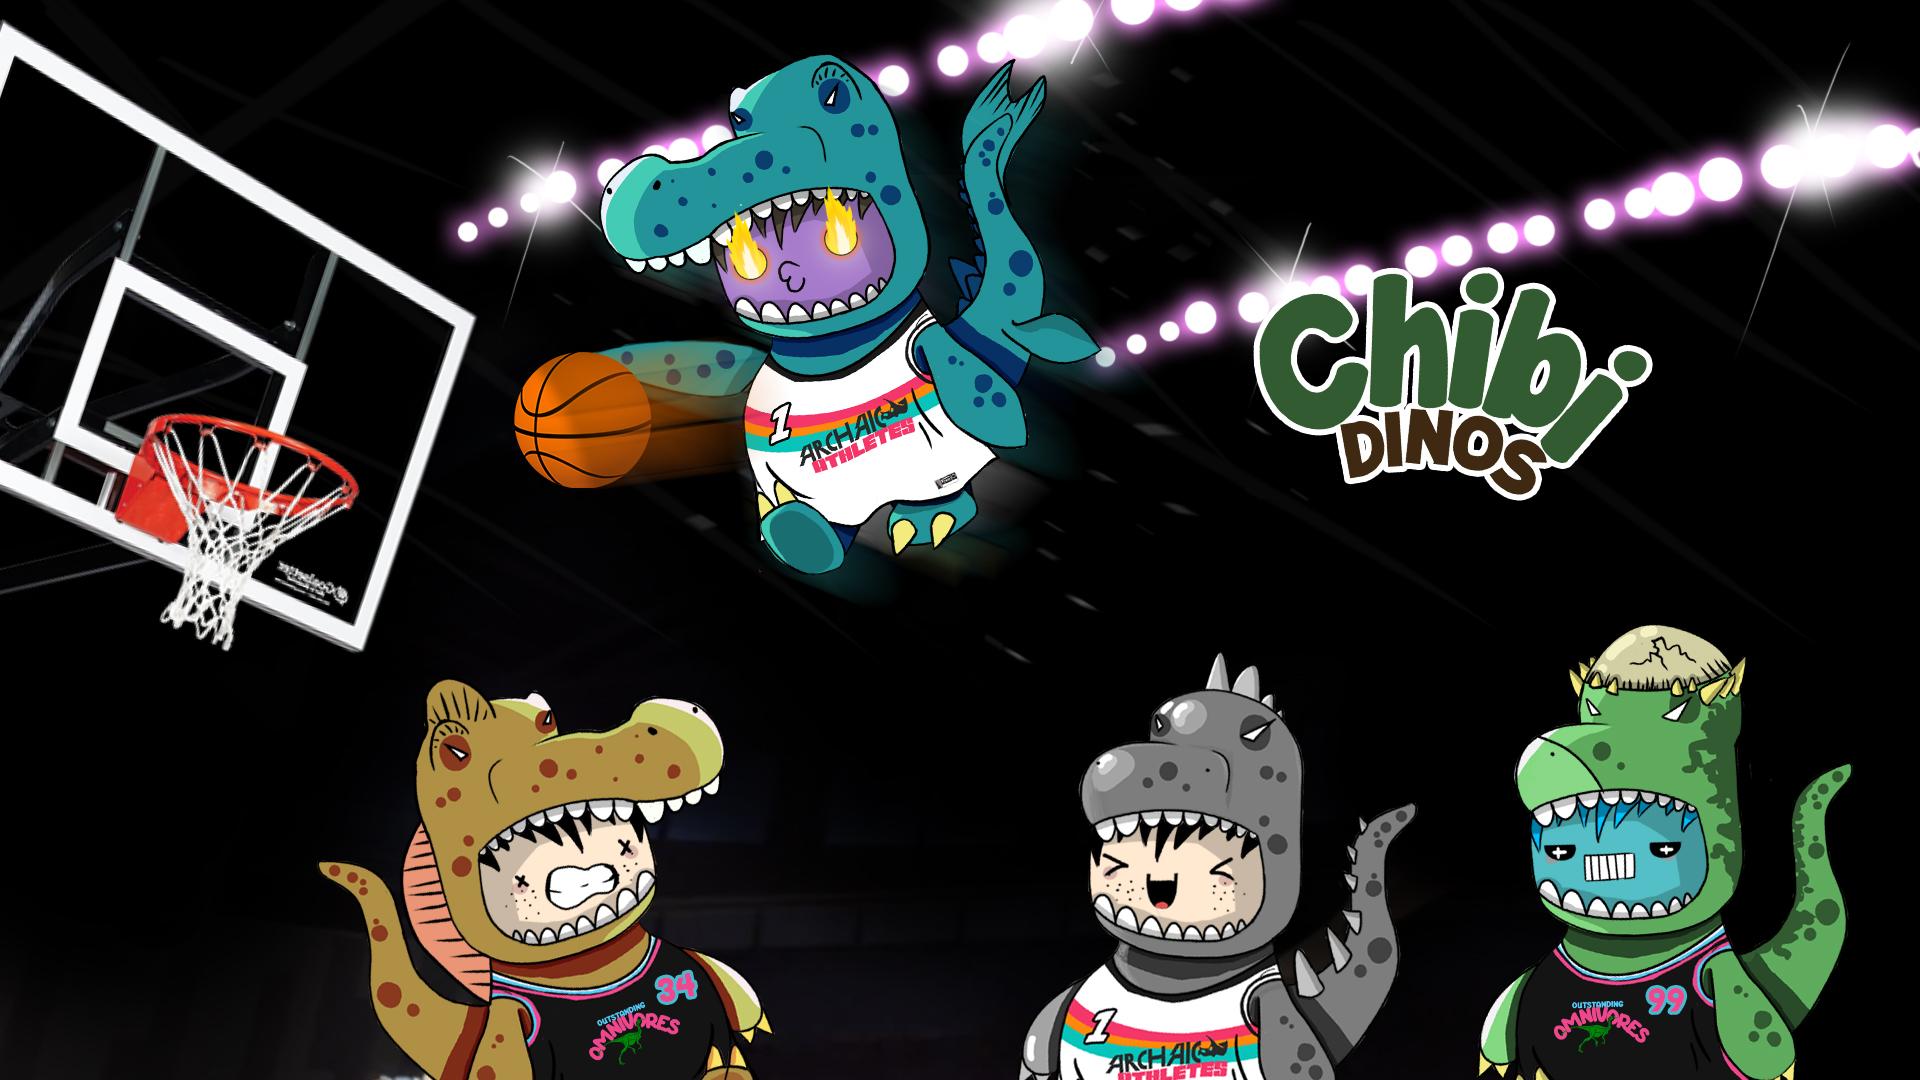 Chibi Dinos NFT playing Basketball